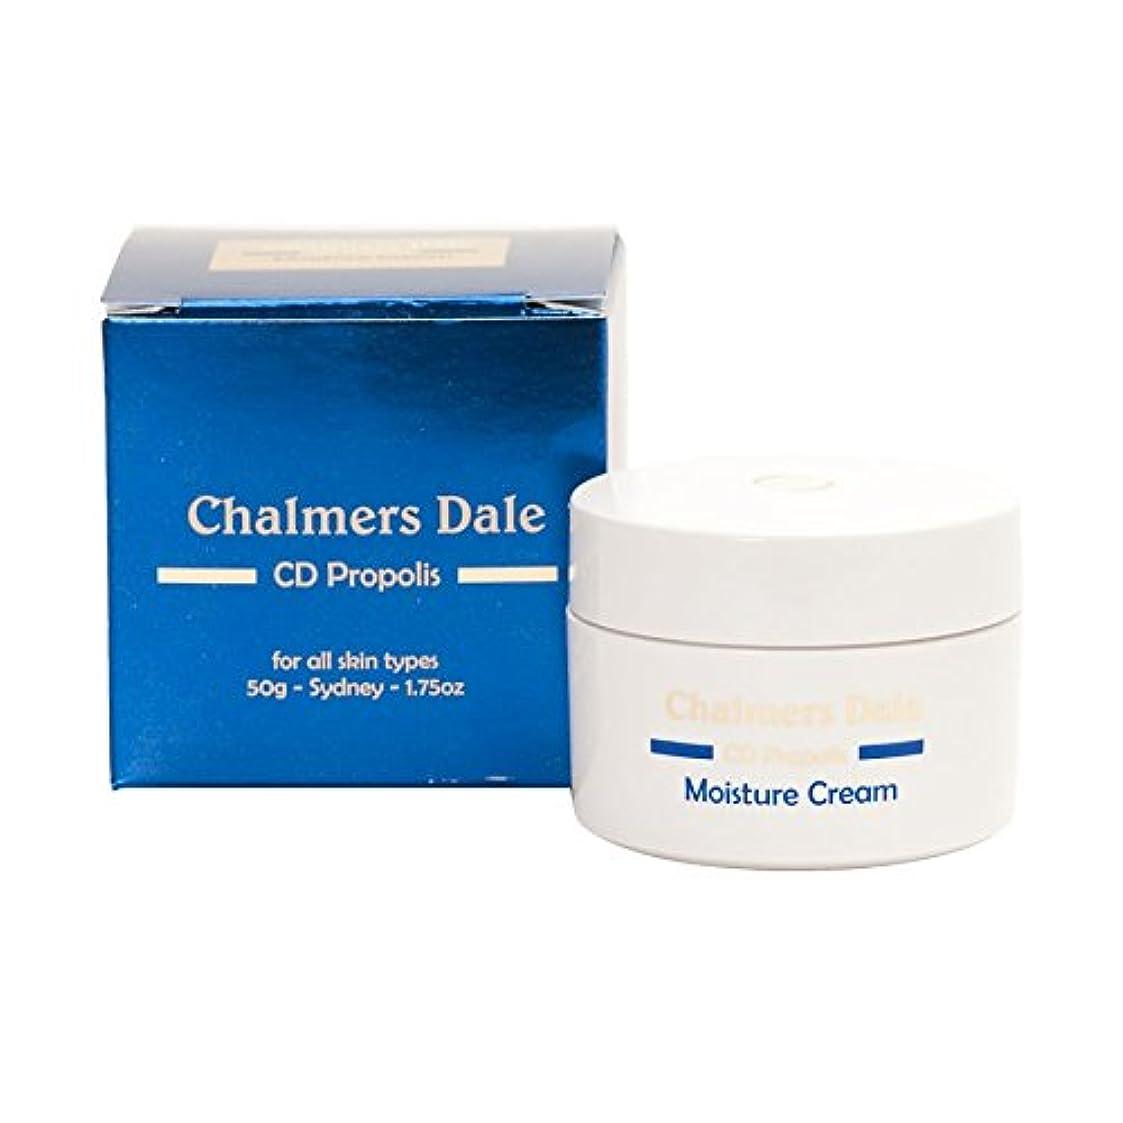 居心地の良い禁輸振り返るプロポリスクリーム 50g 清潔な肌 敏感肌 保湿作用 しっとり肌 【海外直送品】